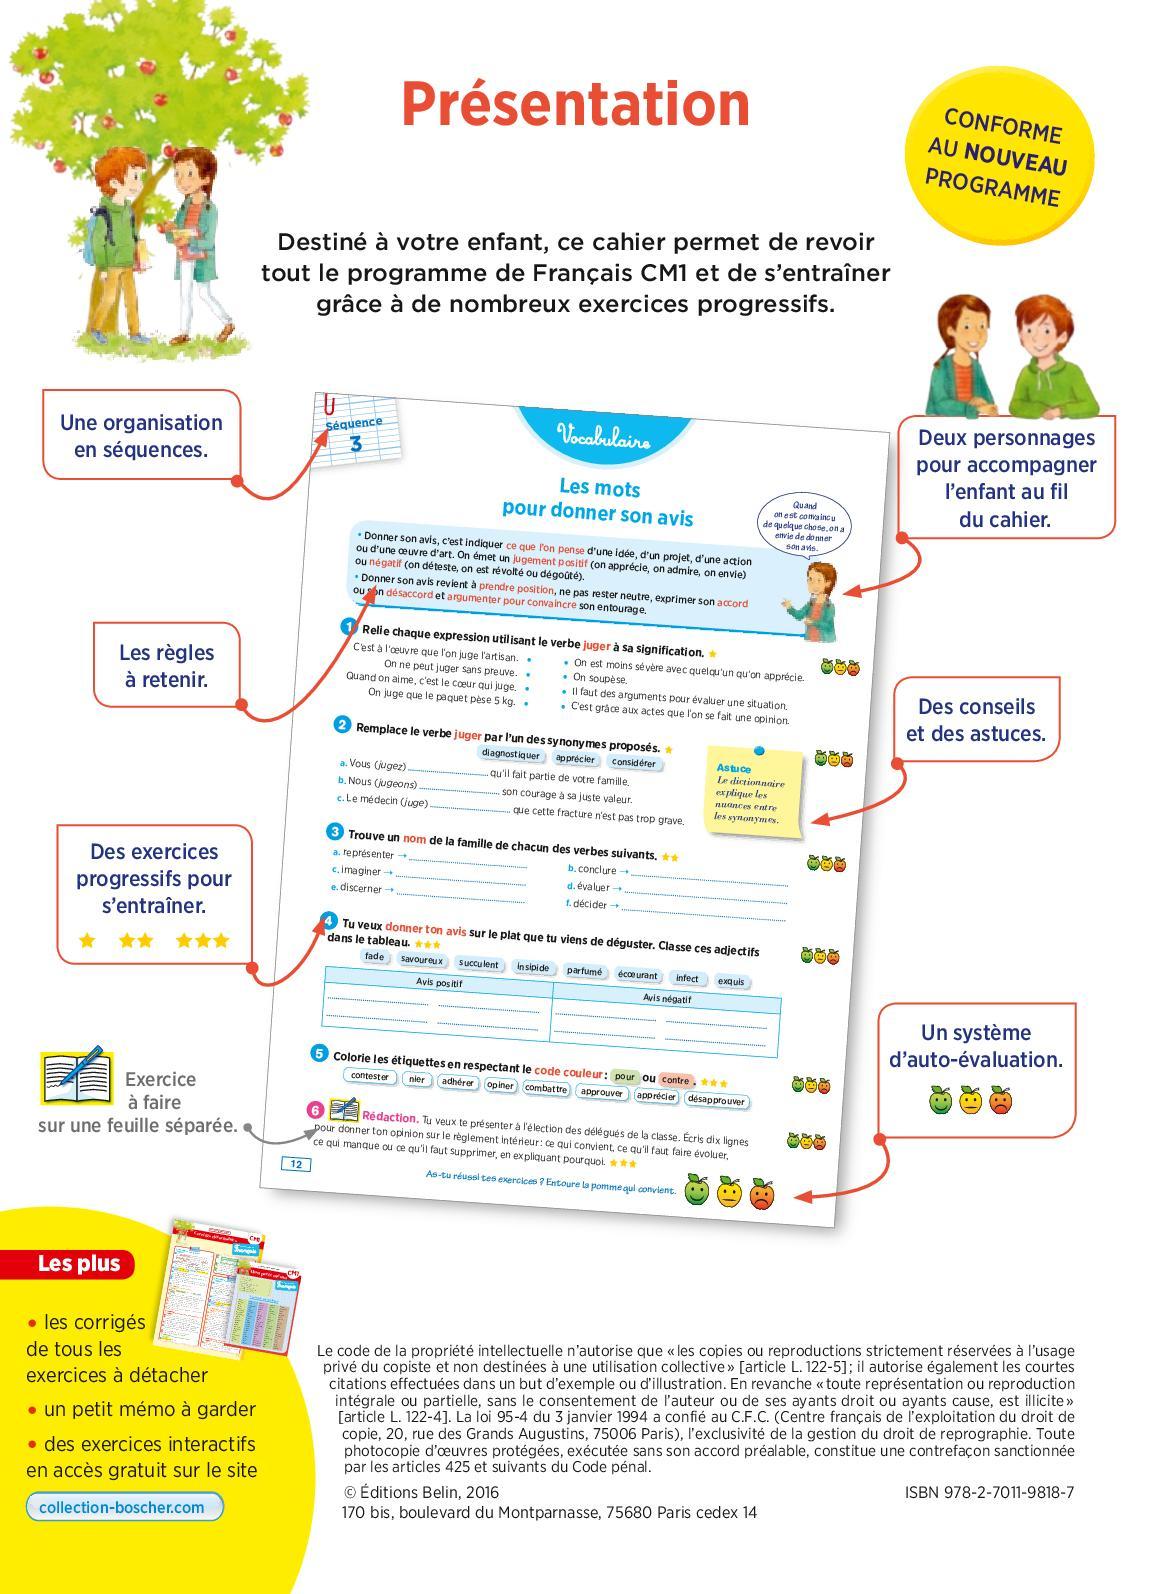 9818 Francais Cm1 1 19 Ok - Calameo Downloader concernant Exercice Cm1 Gratuit